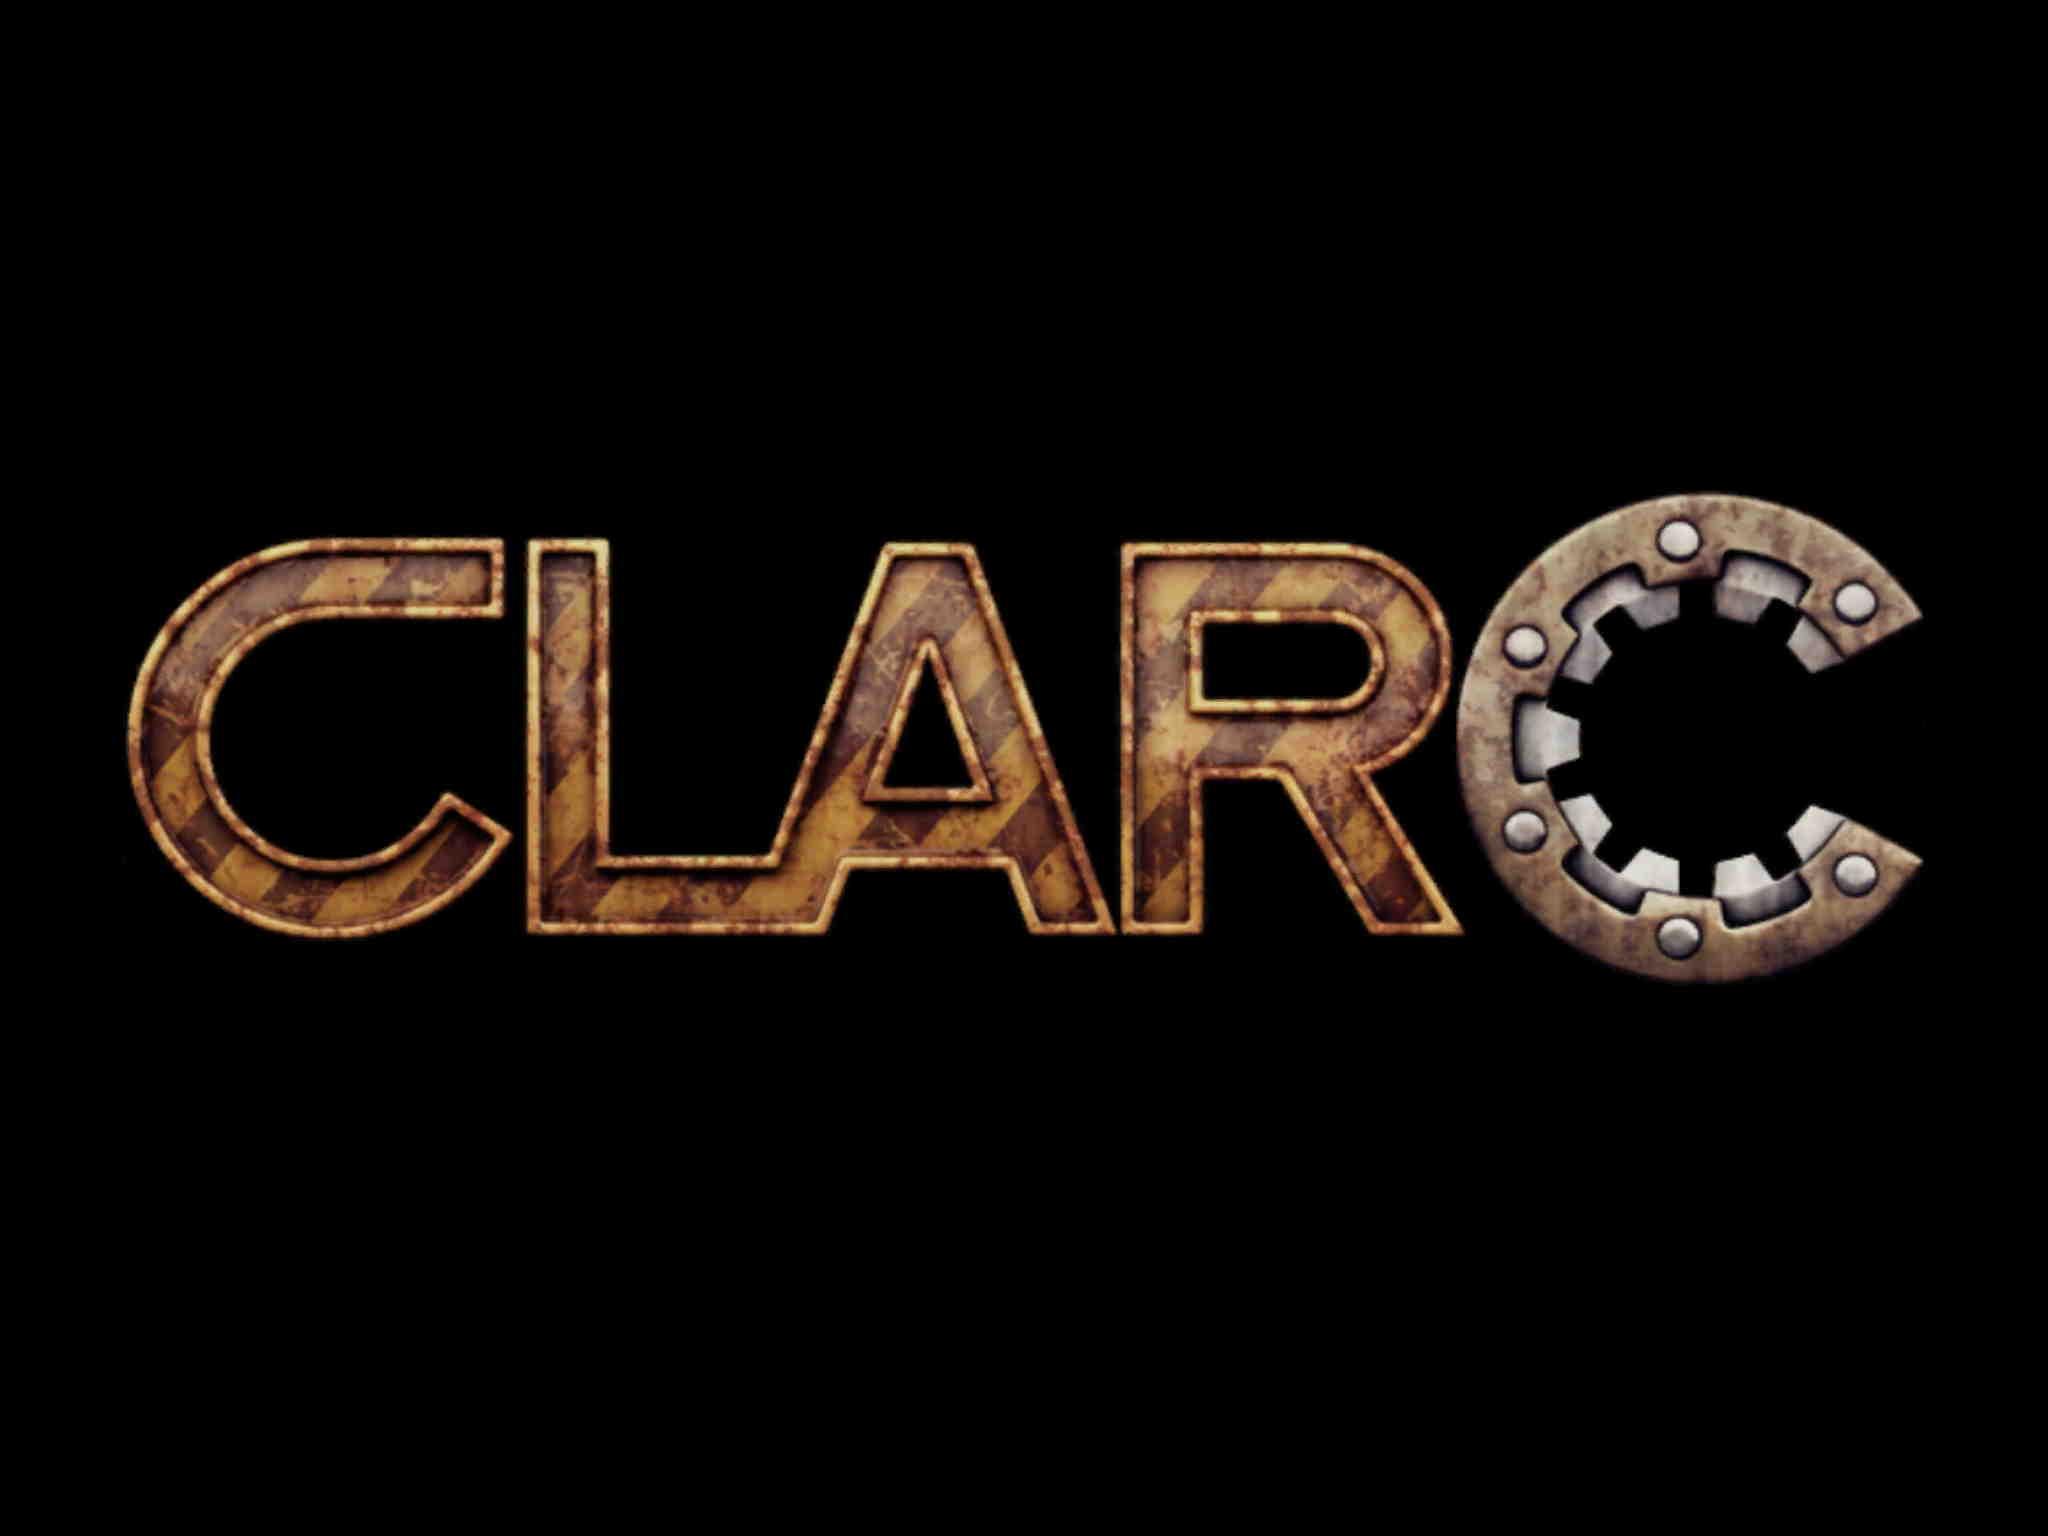 CLARC_01